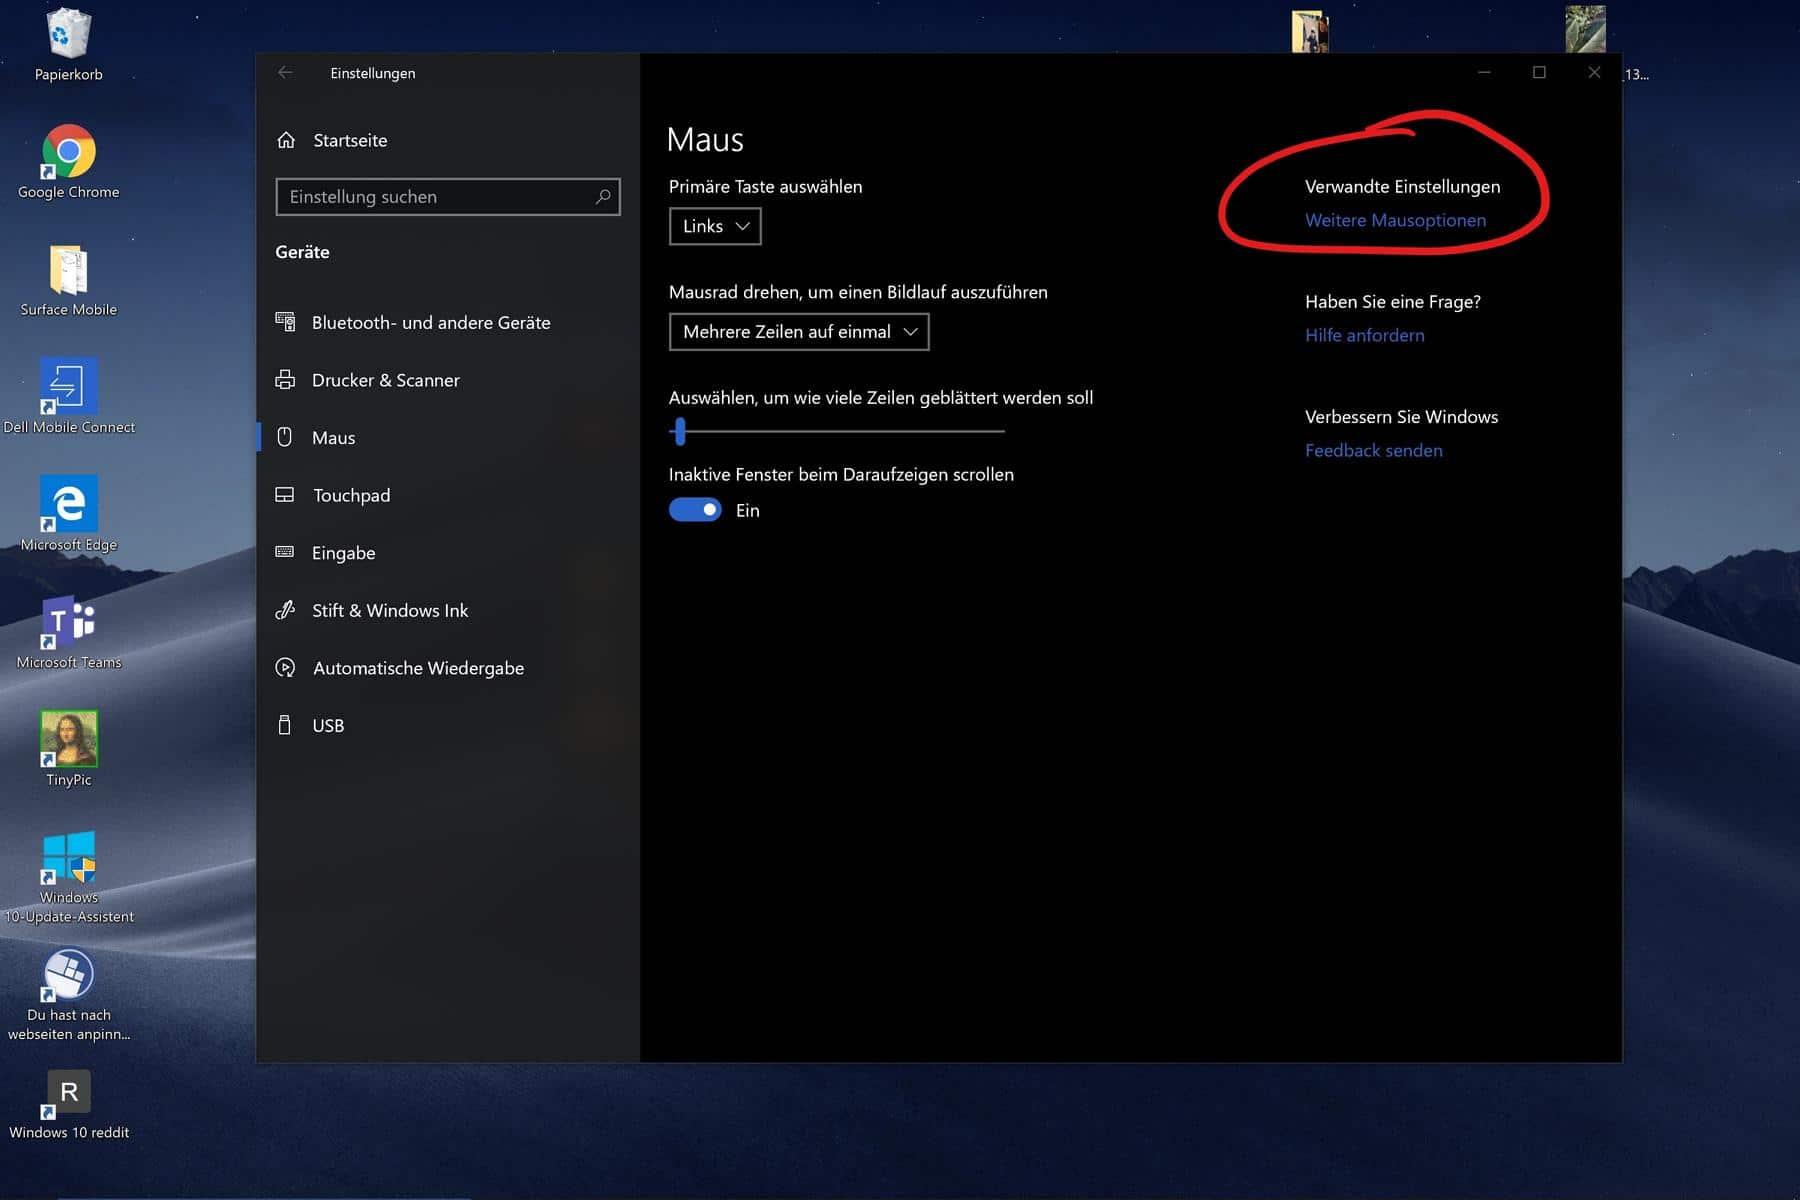 Windows 10 mauszeiger im Fluent Design